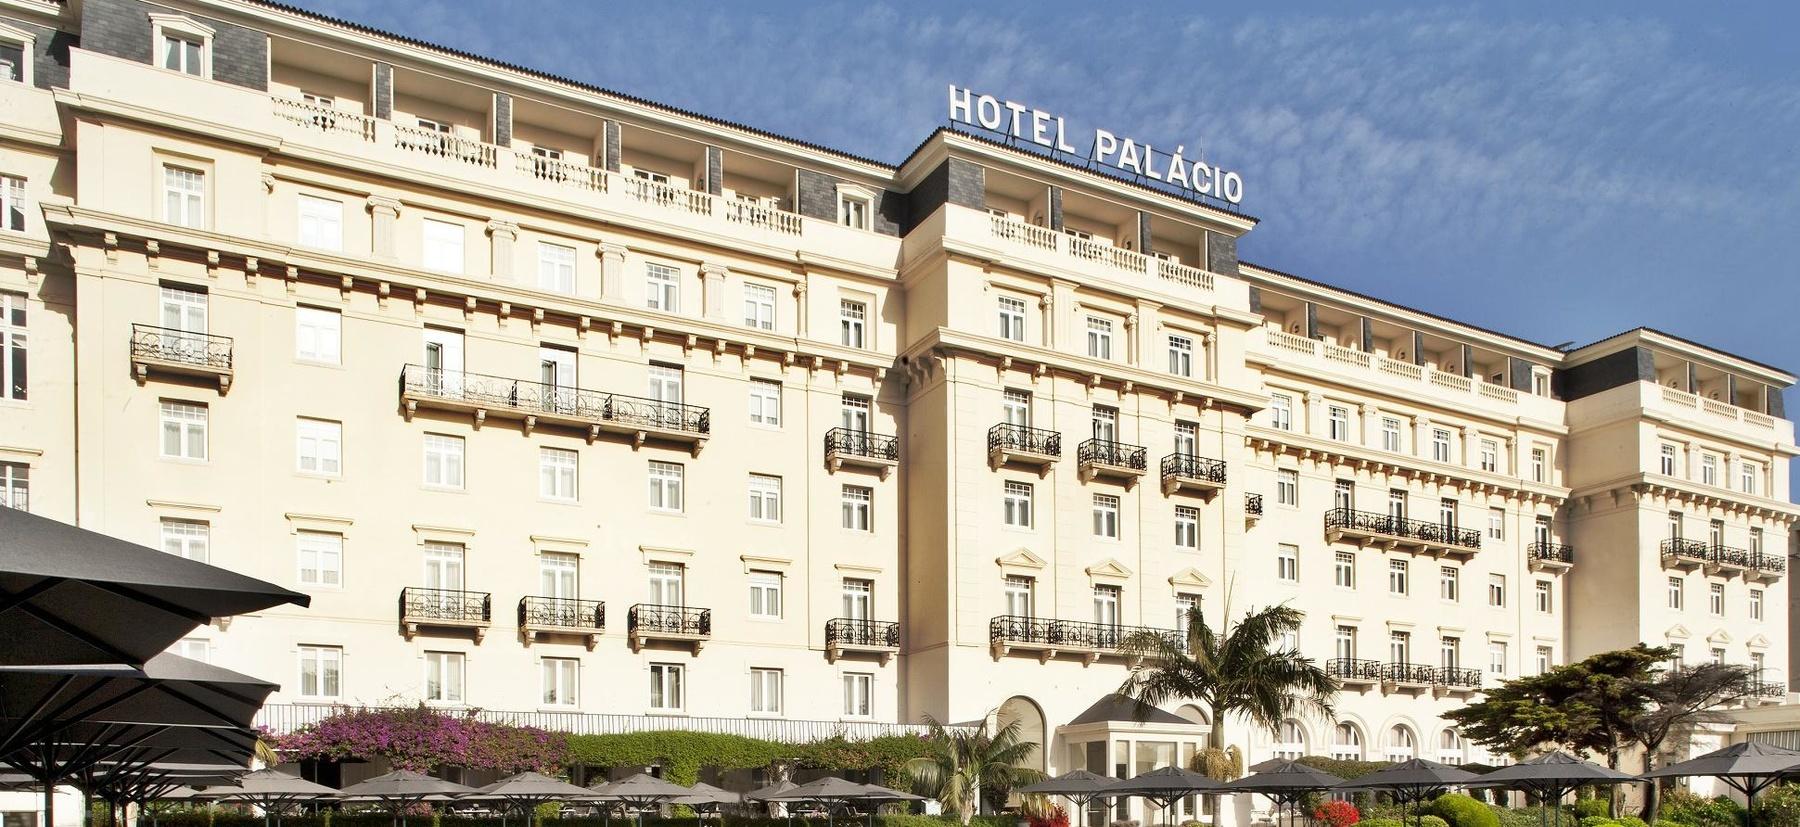 GCAE cropConference venue 2020 Palacio Estoril